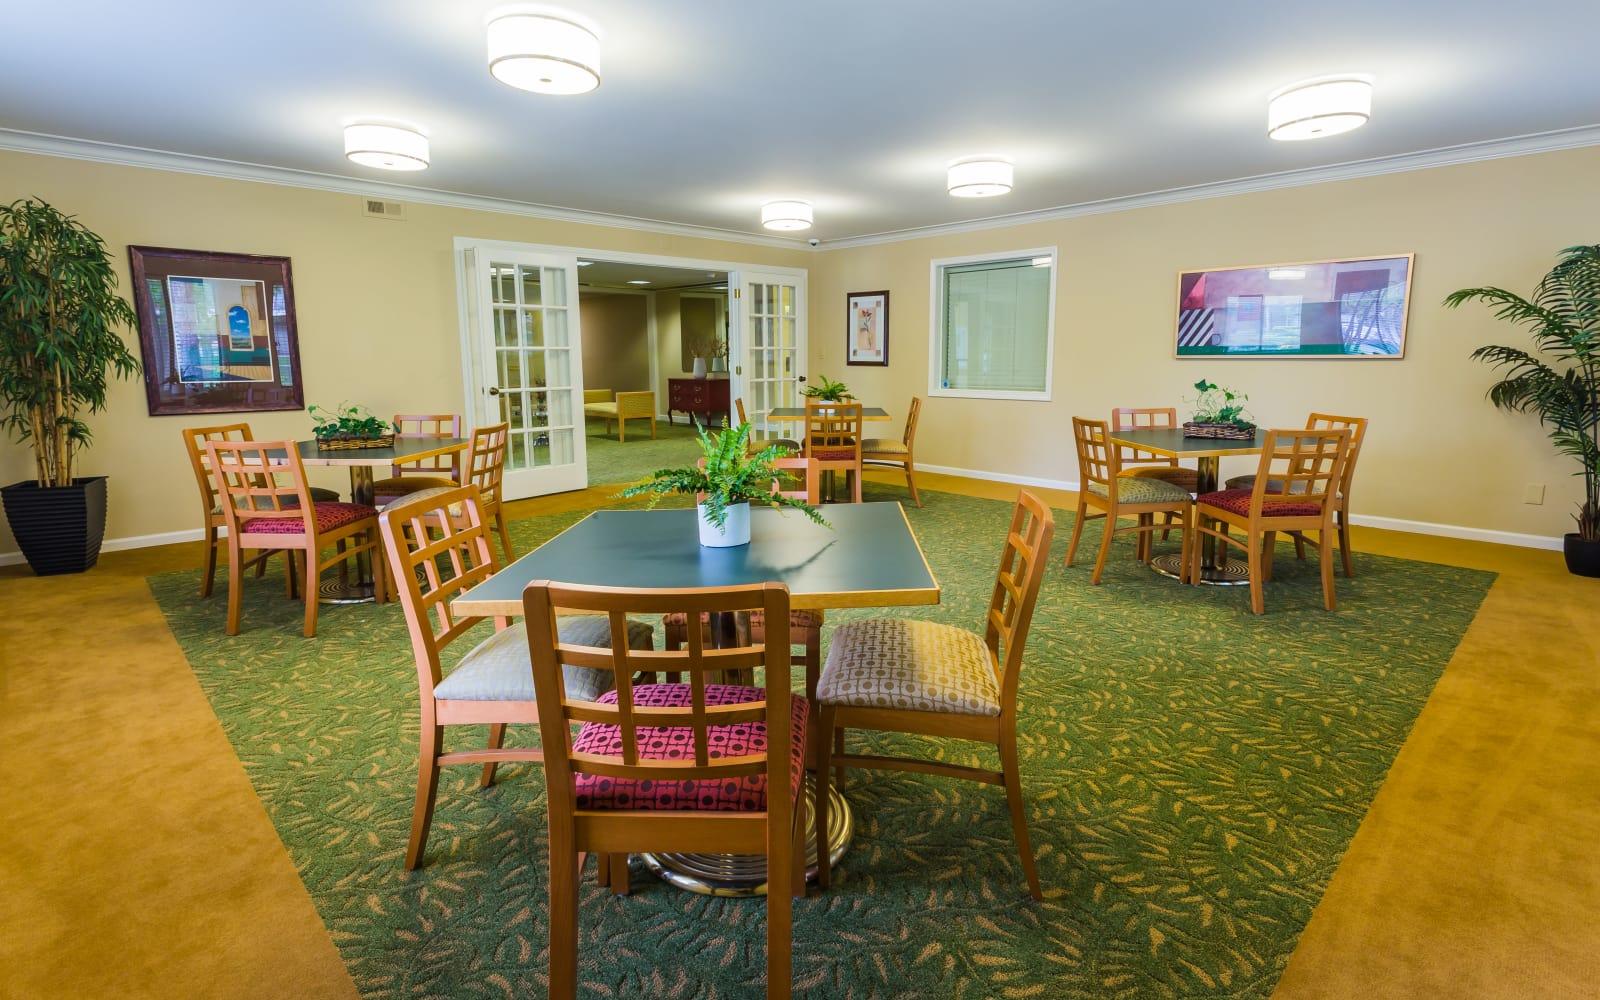 Banquet hall at Farmington Oaks Apartments in Farmington, Michigan